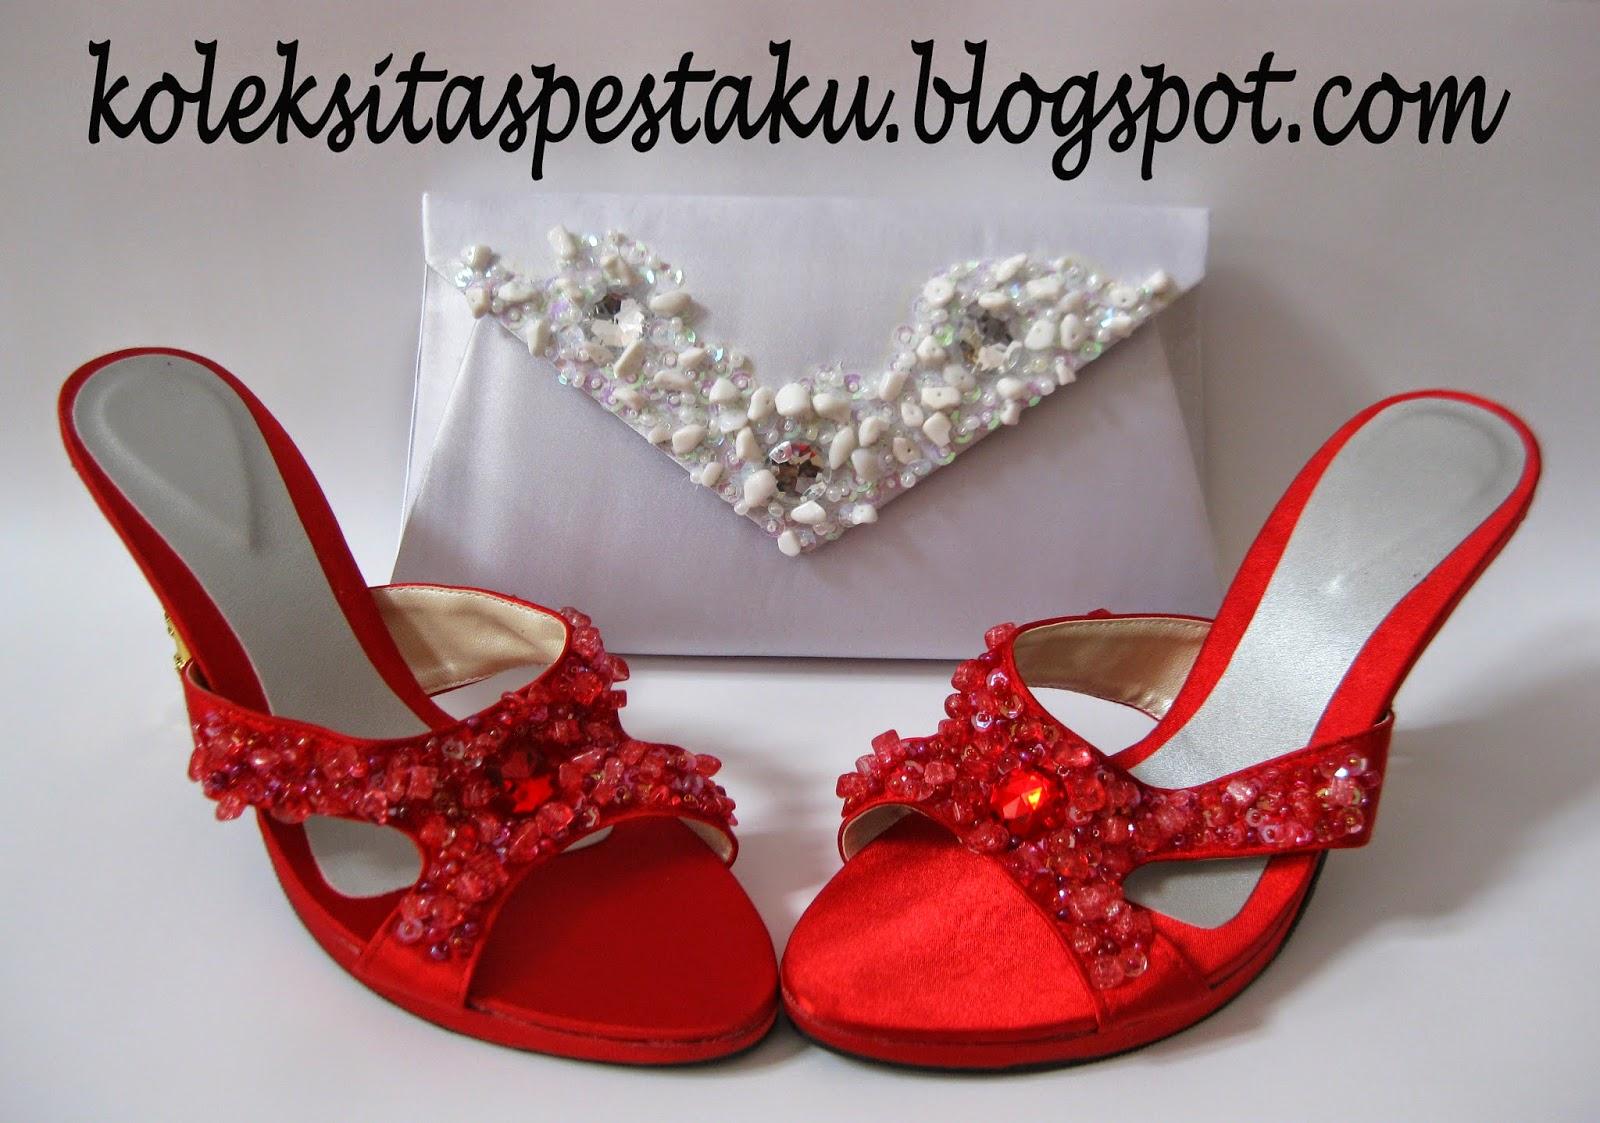 merah putih tas pesta cantik dan sepatu